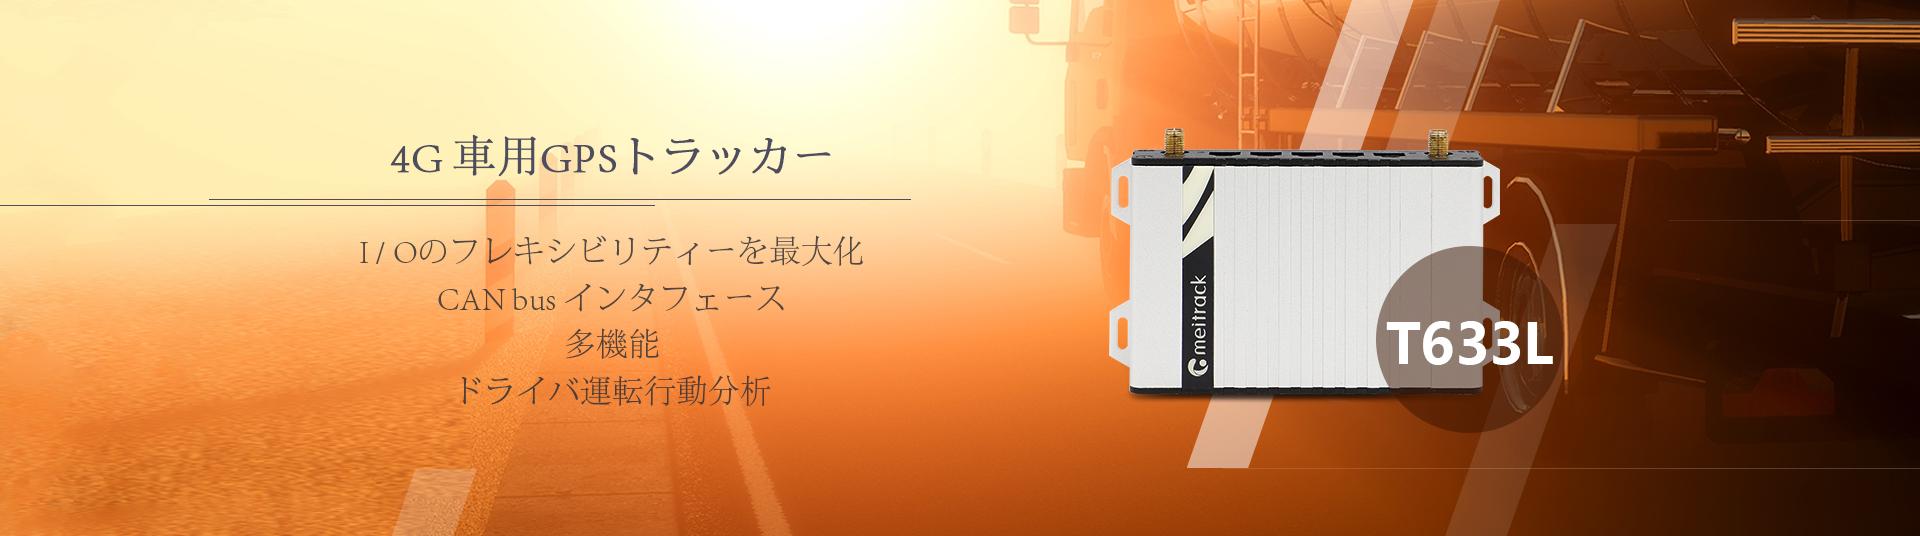 T633L_JP